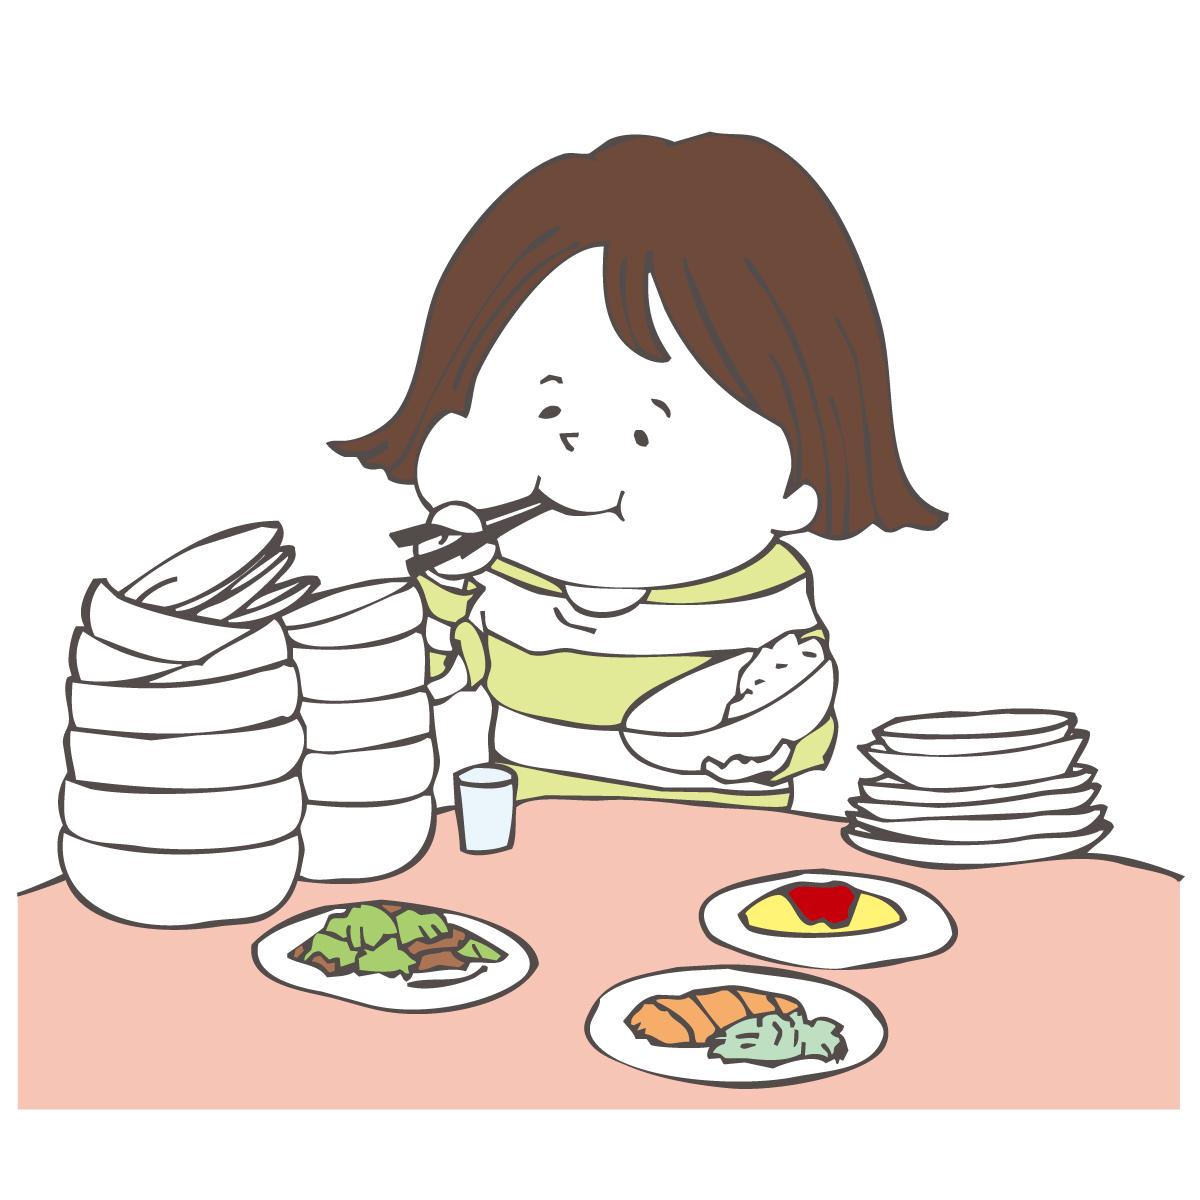 食べすぎ・太りすぎも冷えの原因に?!